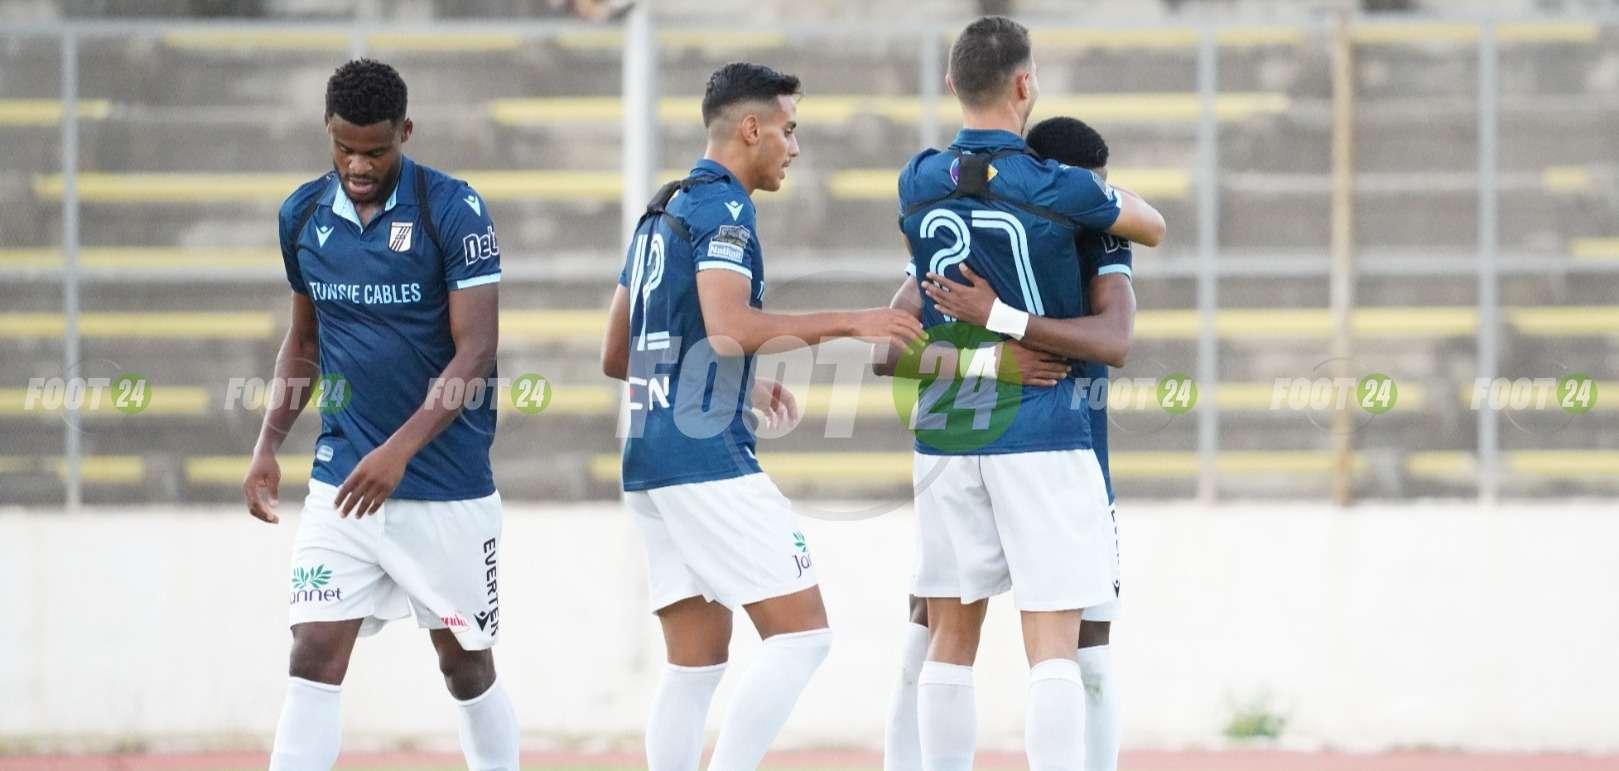 النادي الصفاقسي يتمكن من تأهيل لاعبيه قبل السوبر التونسي